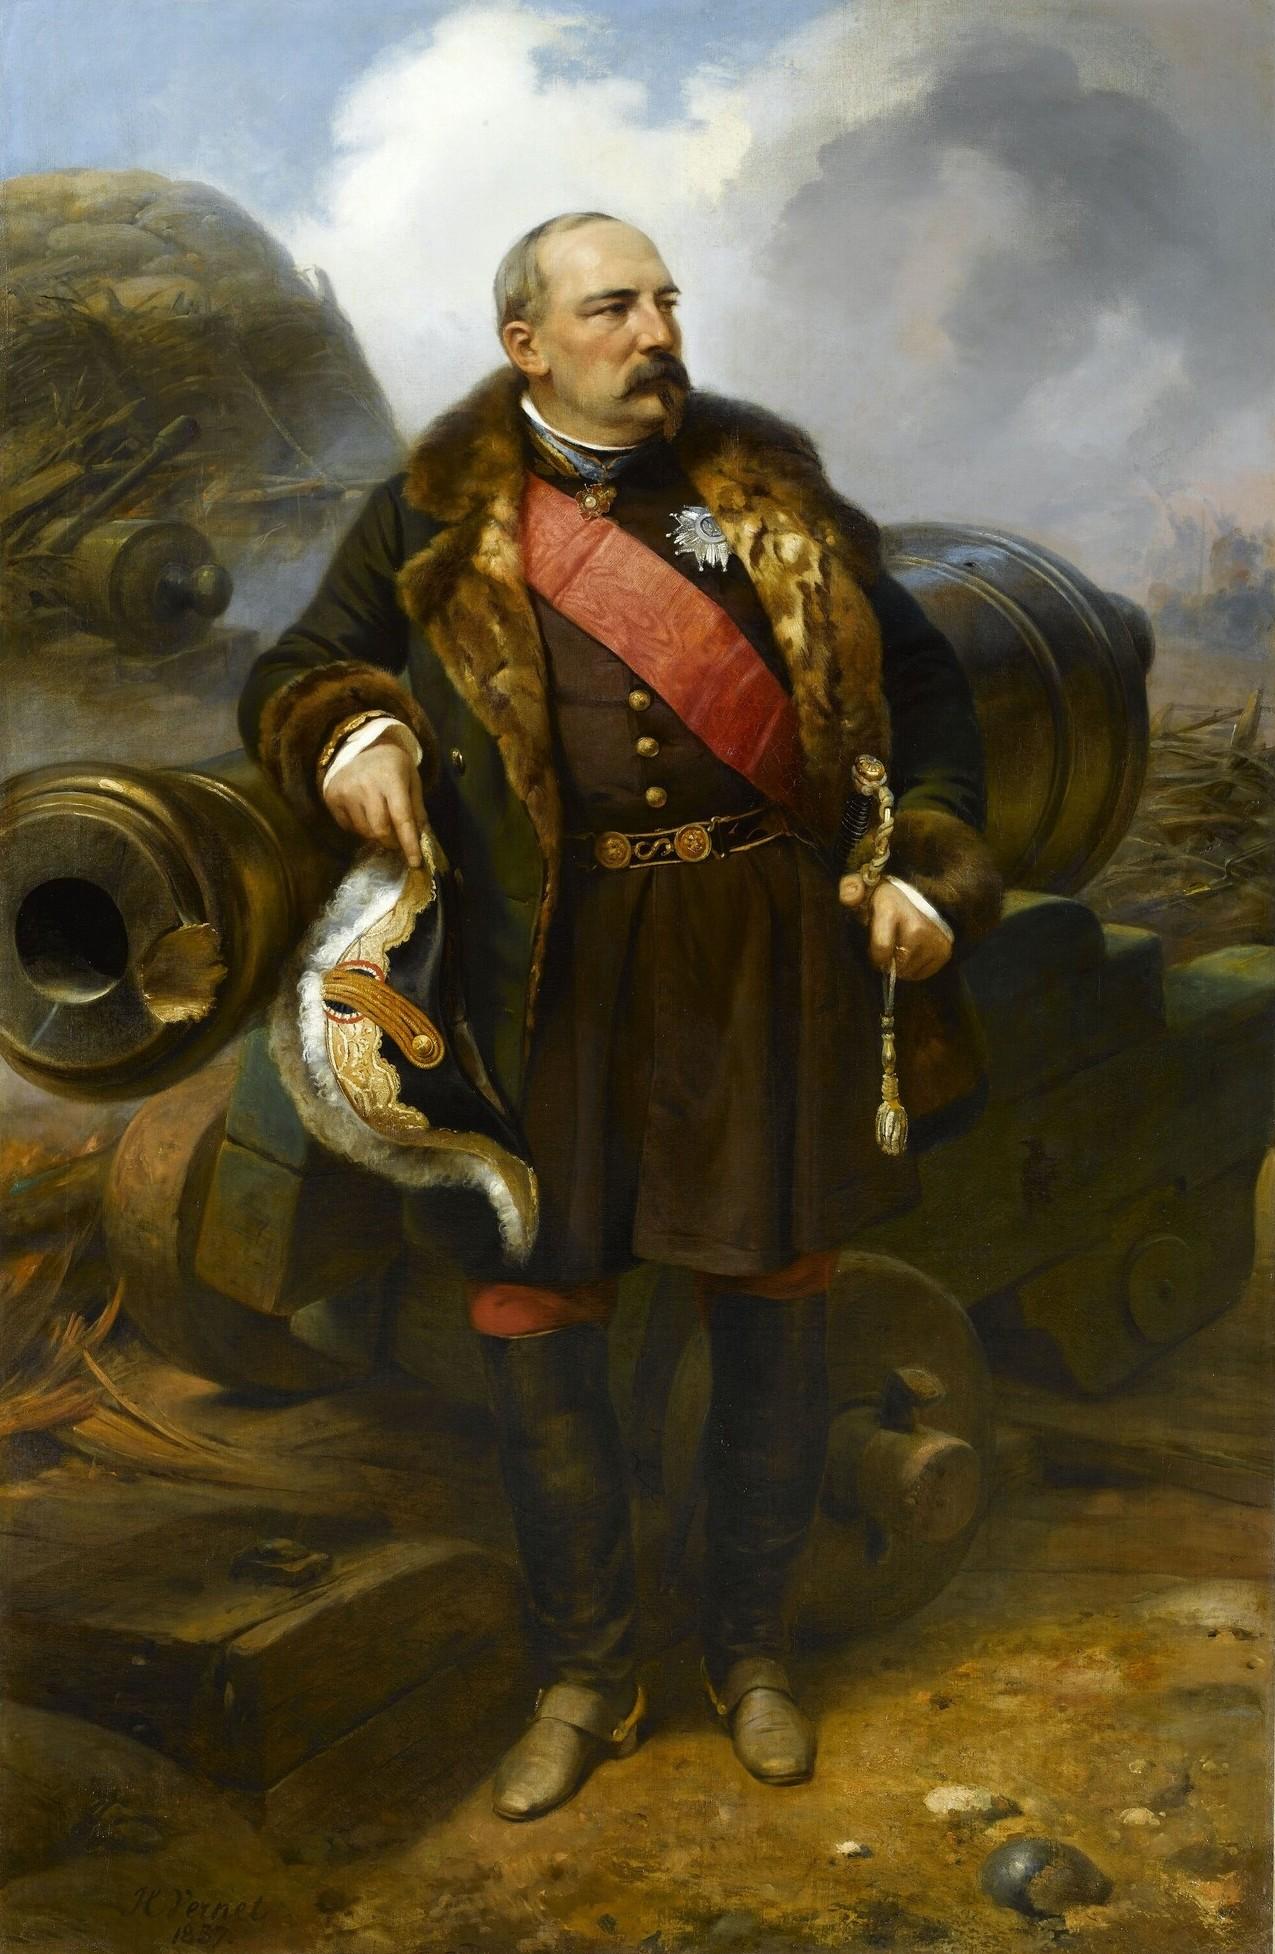 Pierre Joseph François Bosquet